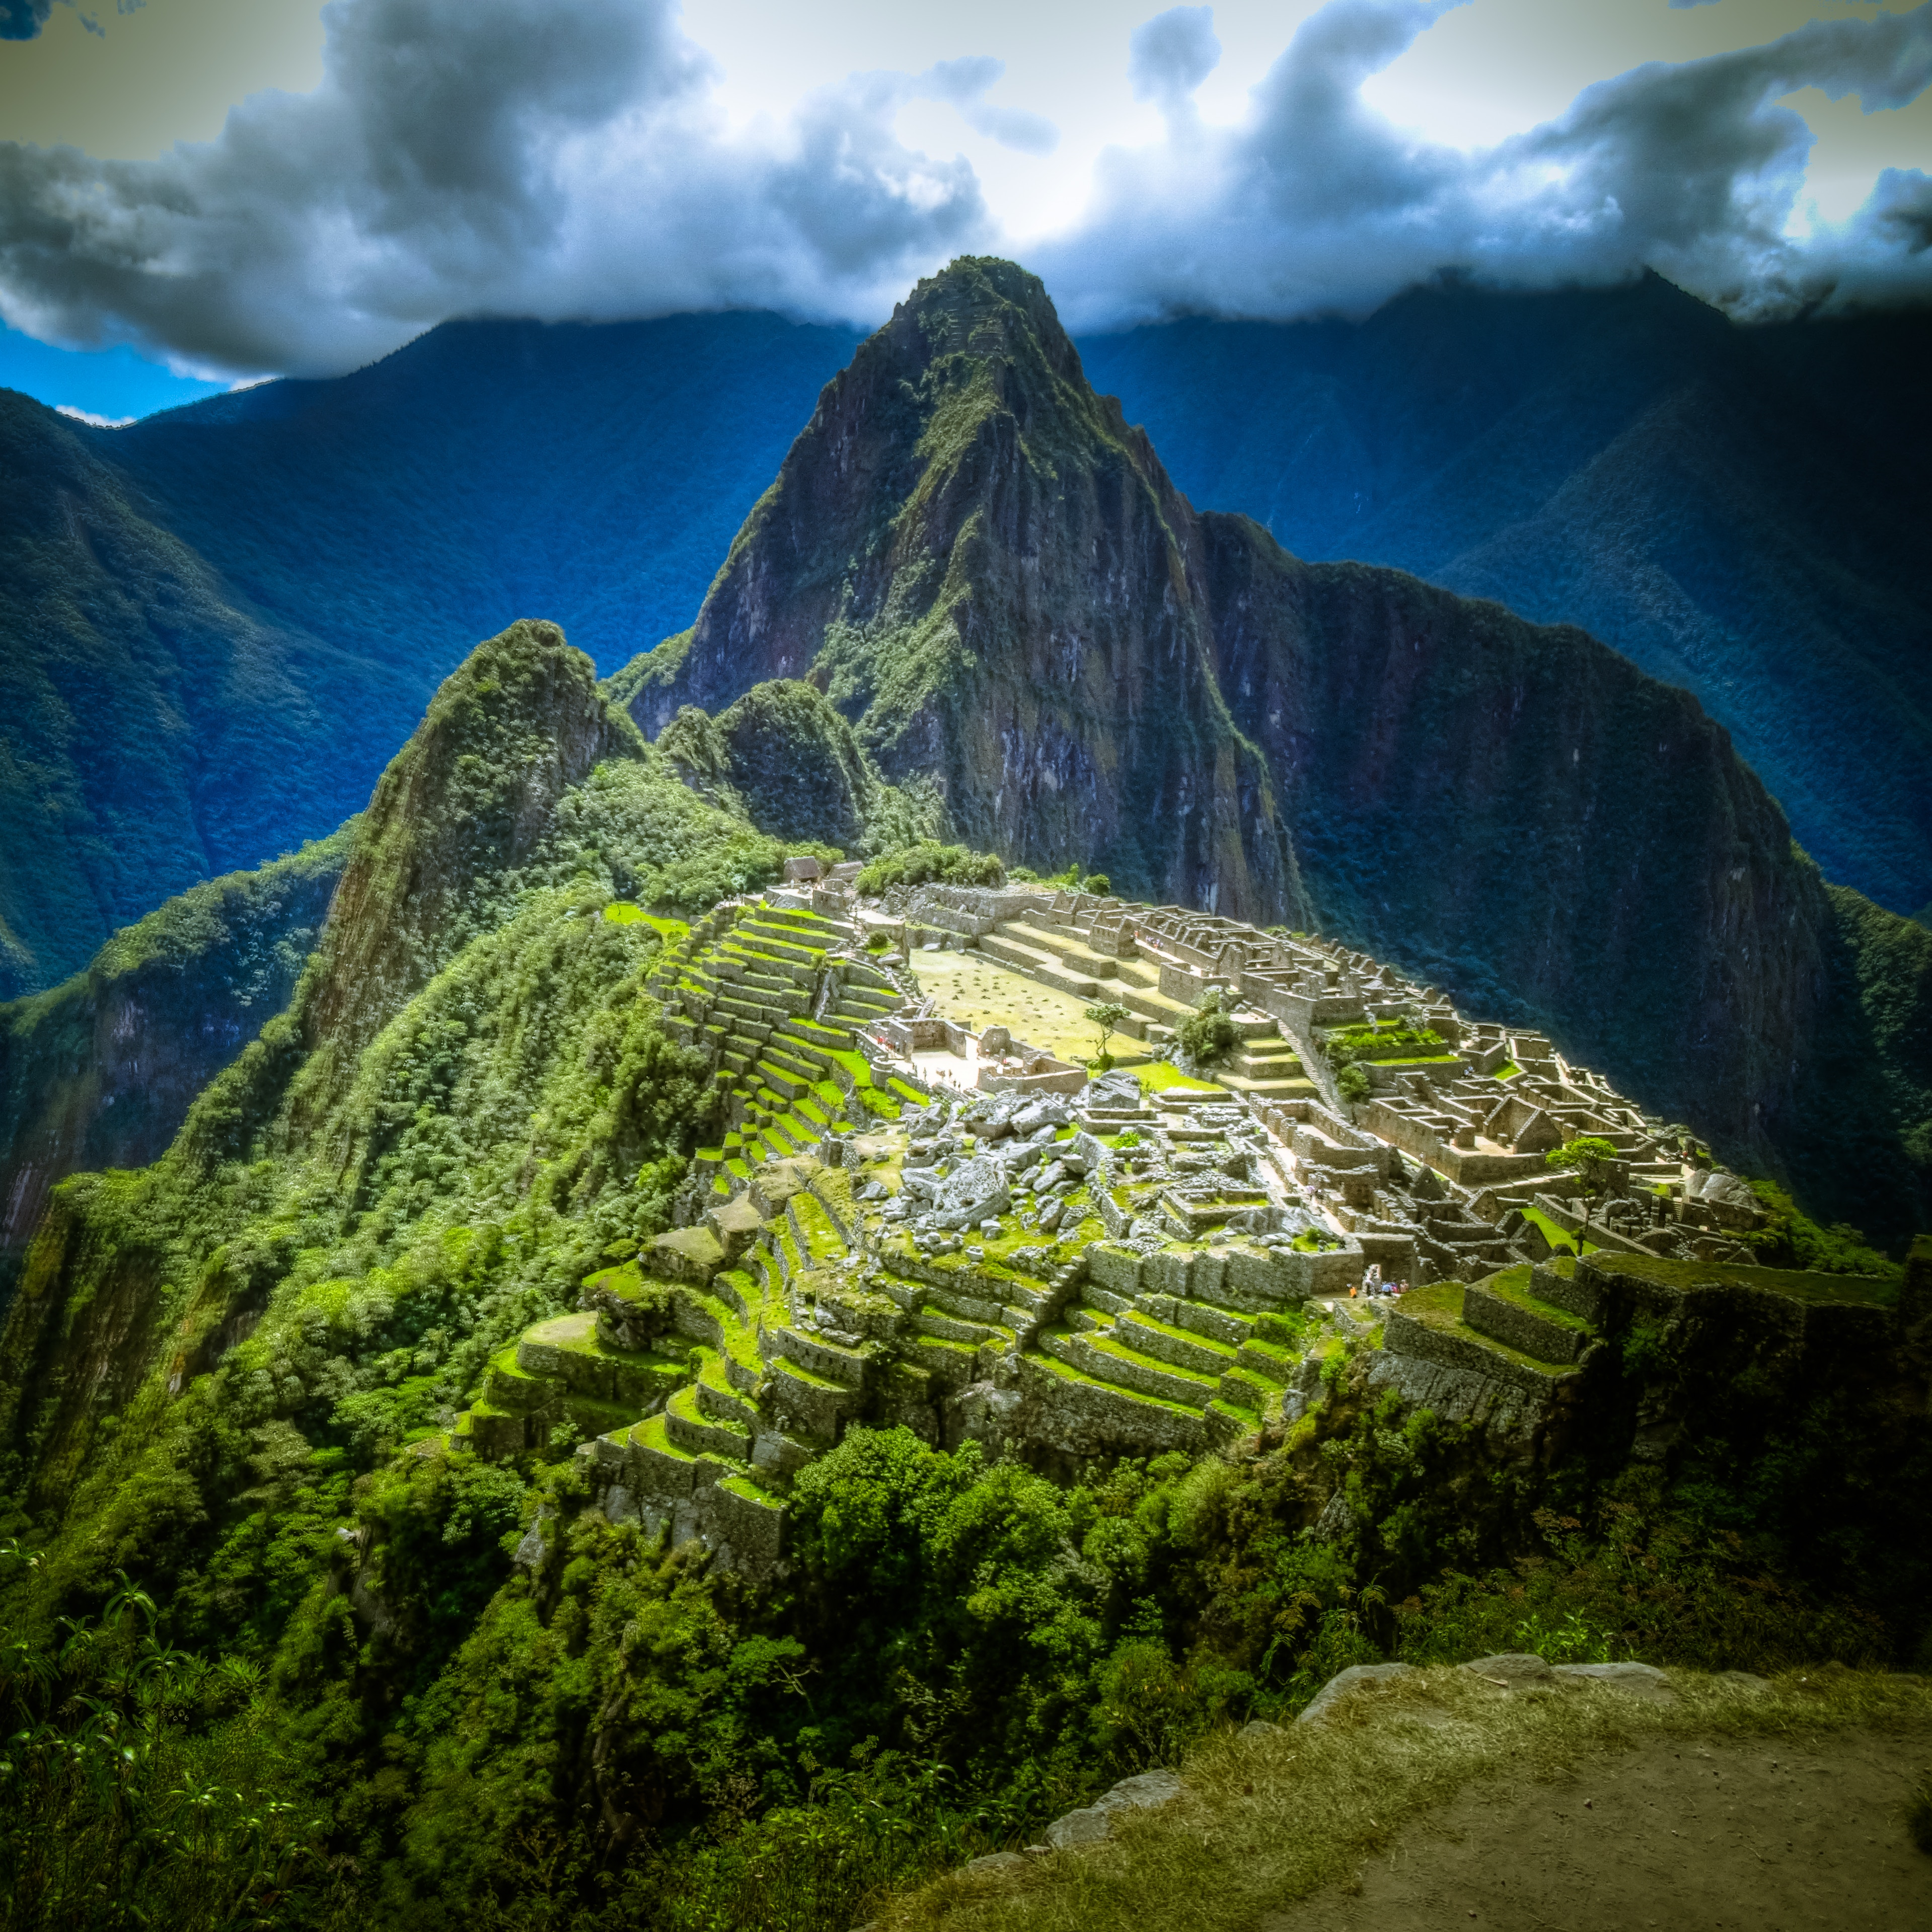 Außergewöhnliche Orte - Machu Picchu in Peru